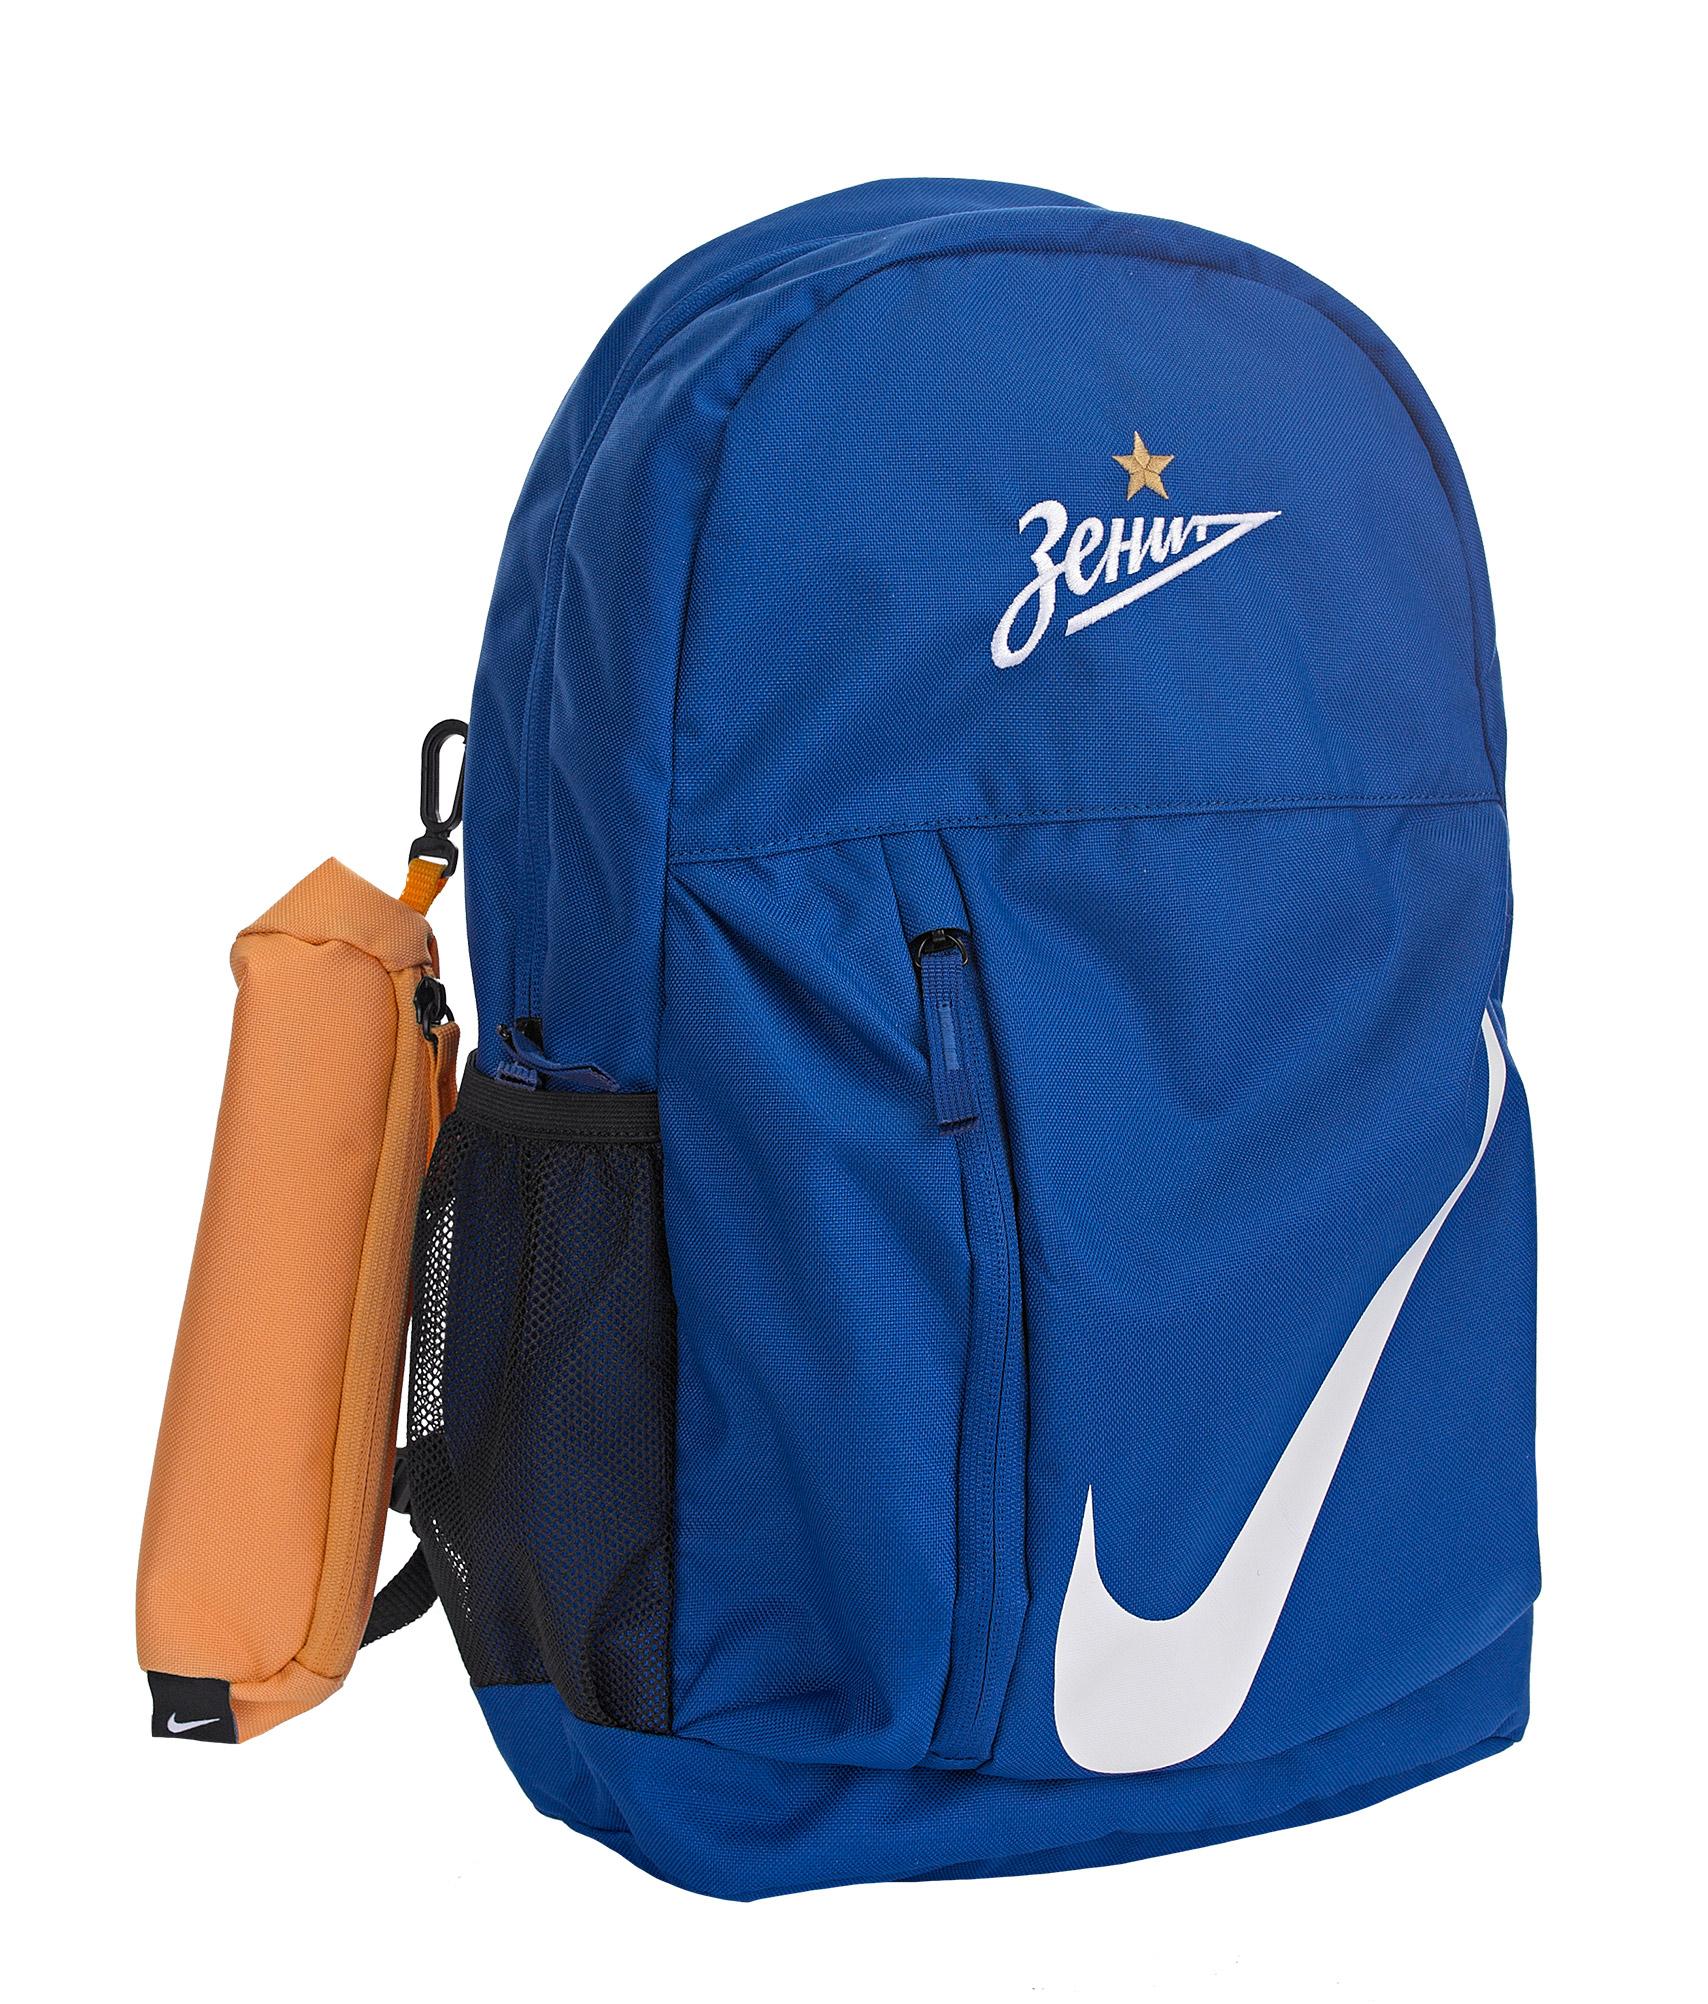 Рюкзак Nike Nike Цвет-Синий рюкзак зенит